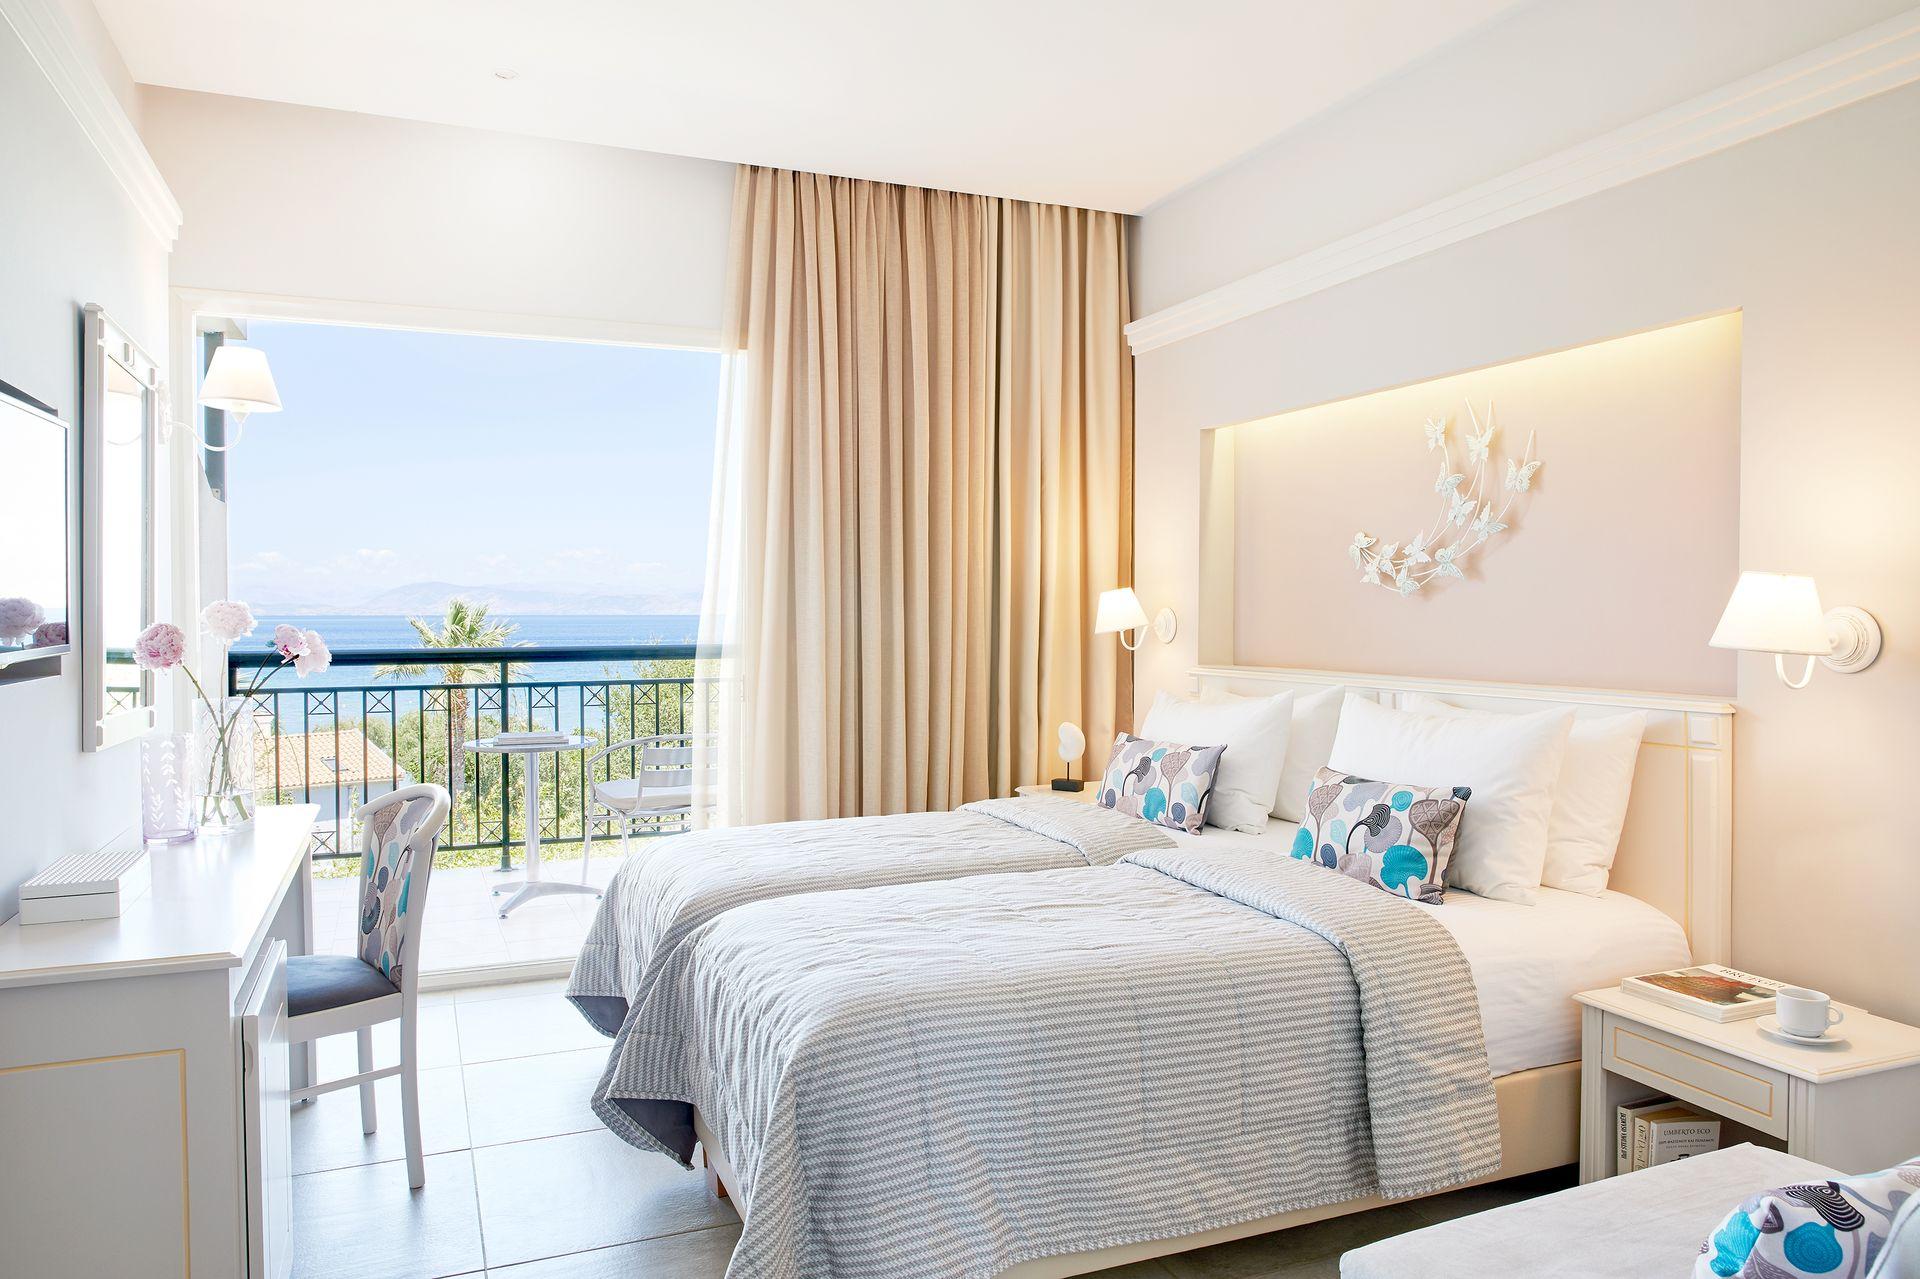 Superior-Doppelzimmer mit Meeresblick